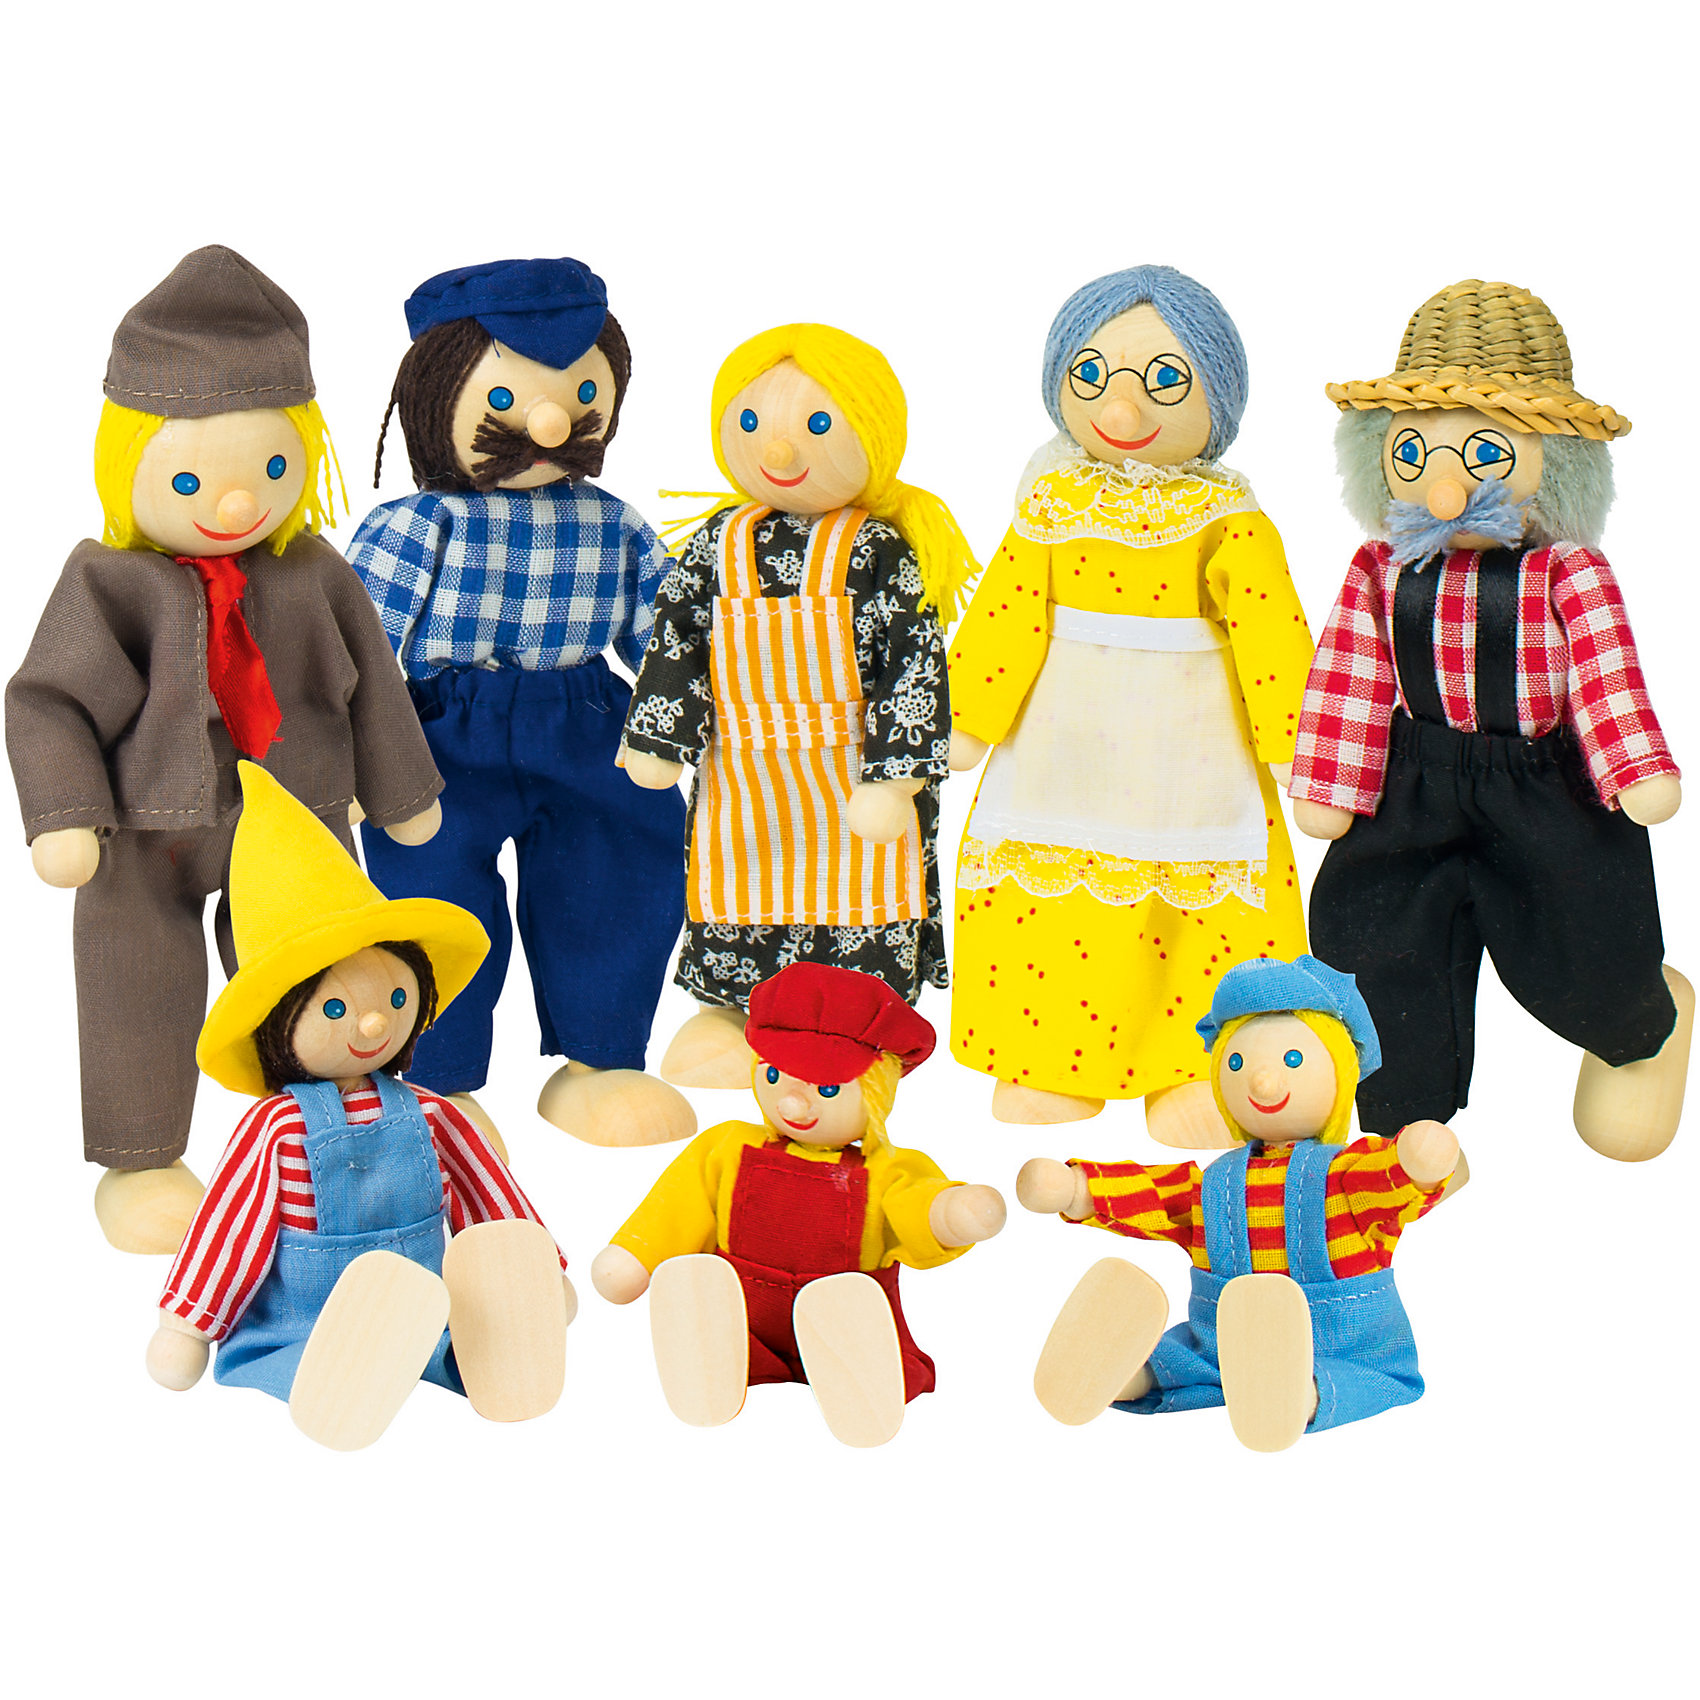 Куклы Семья деревенская 8 в 1, goki